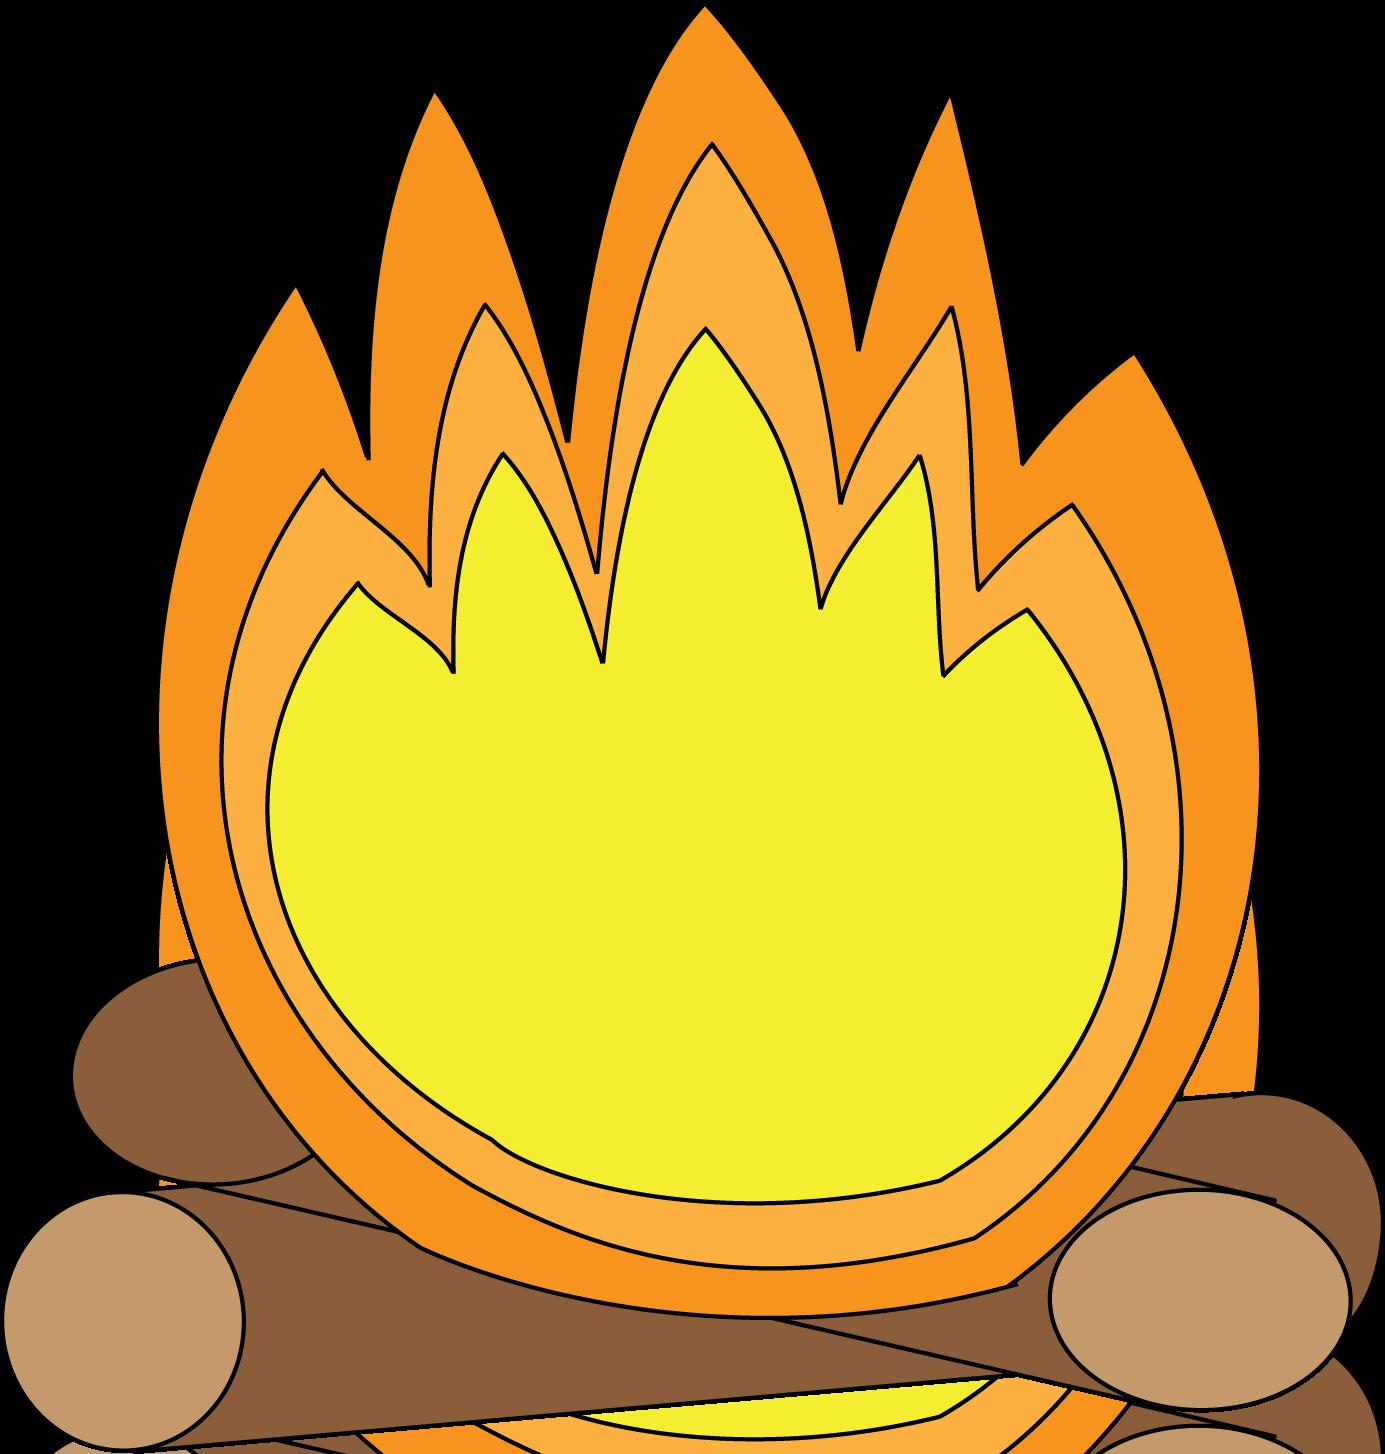 Campfire smores clipart: Camp Fire Smores Clip Art - Campfire Smores PNG